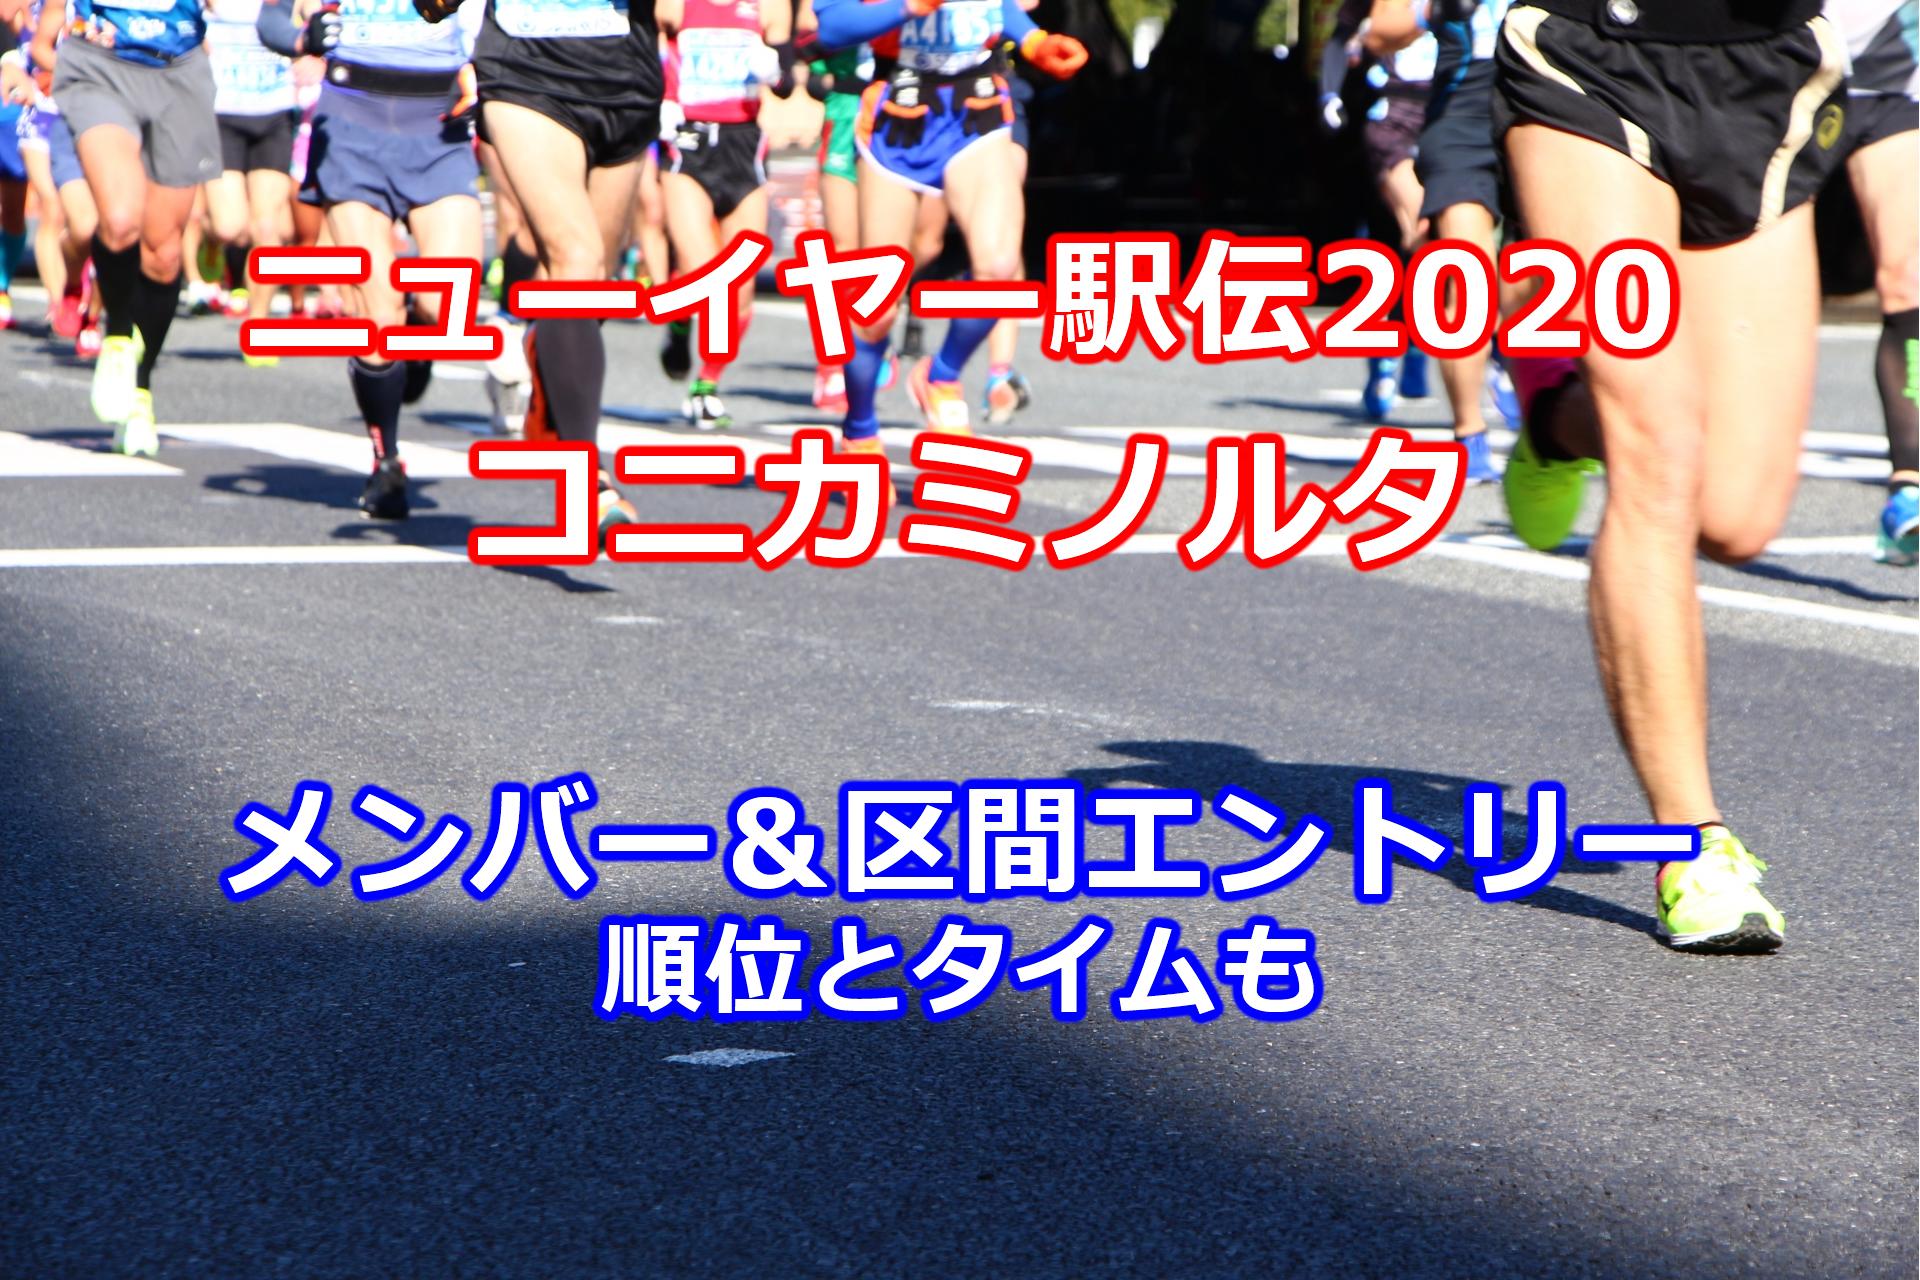 ニューイヤー駅伝2020コニカミノルタメンバー・区間エントリー・結果・順位・タイムまとめ